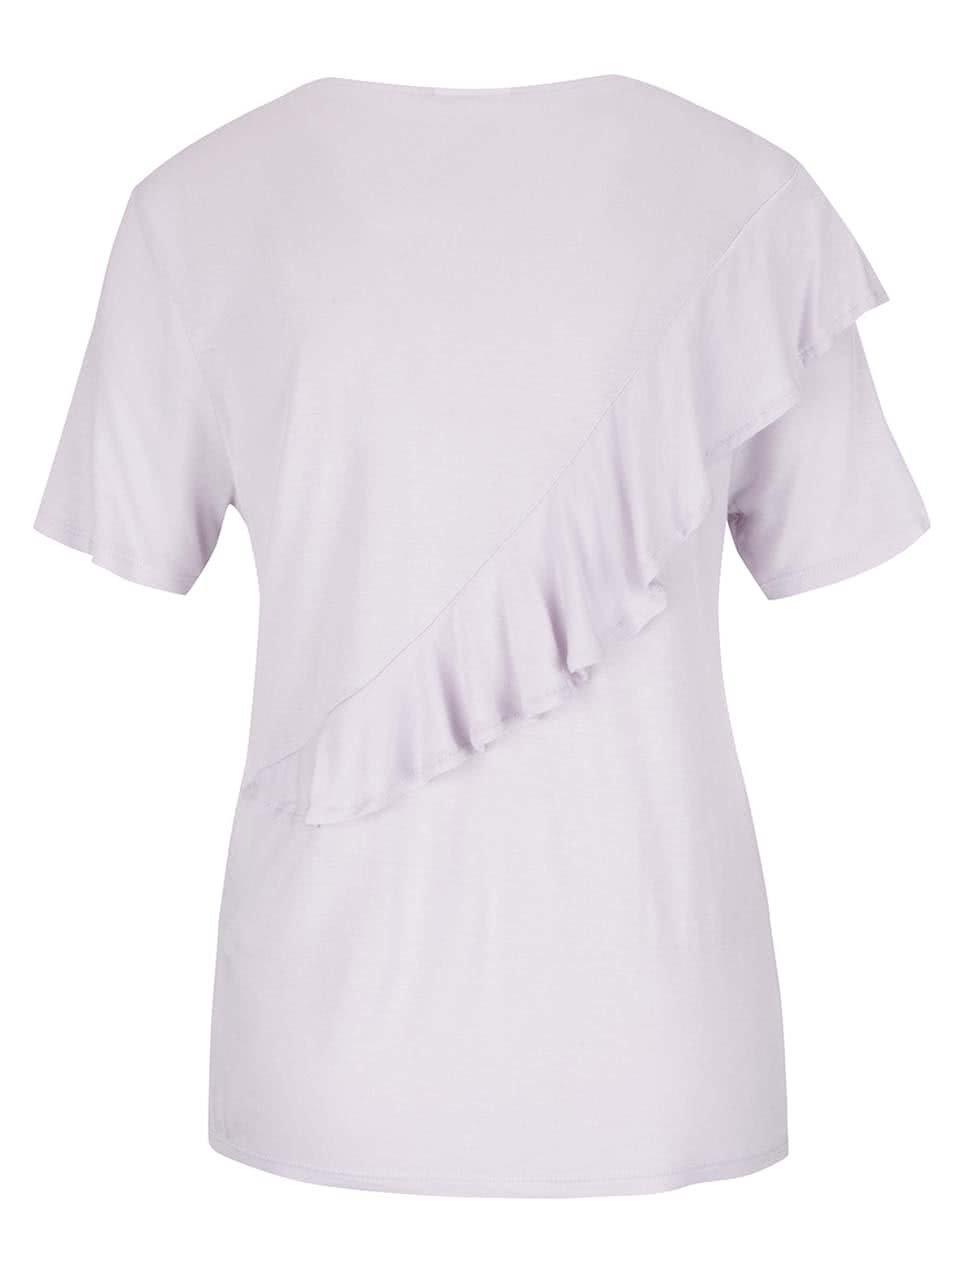 5817221dd660 Svetlofialové tričko s volánom Noisy May Freddy ...